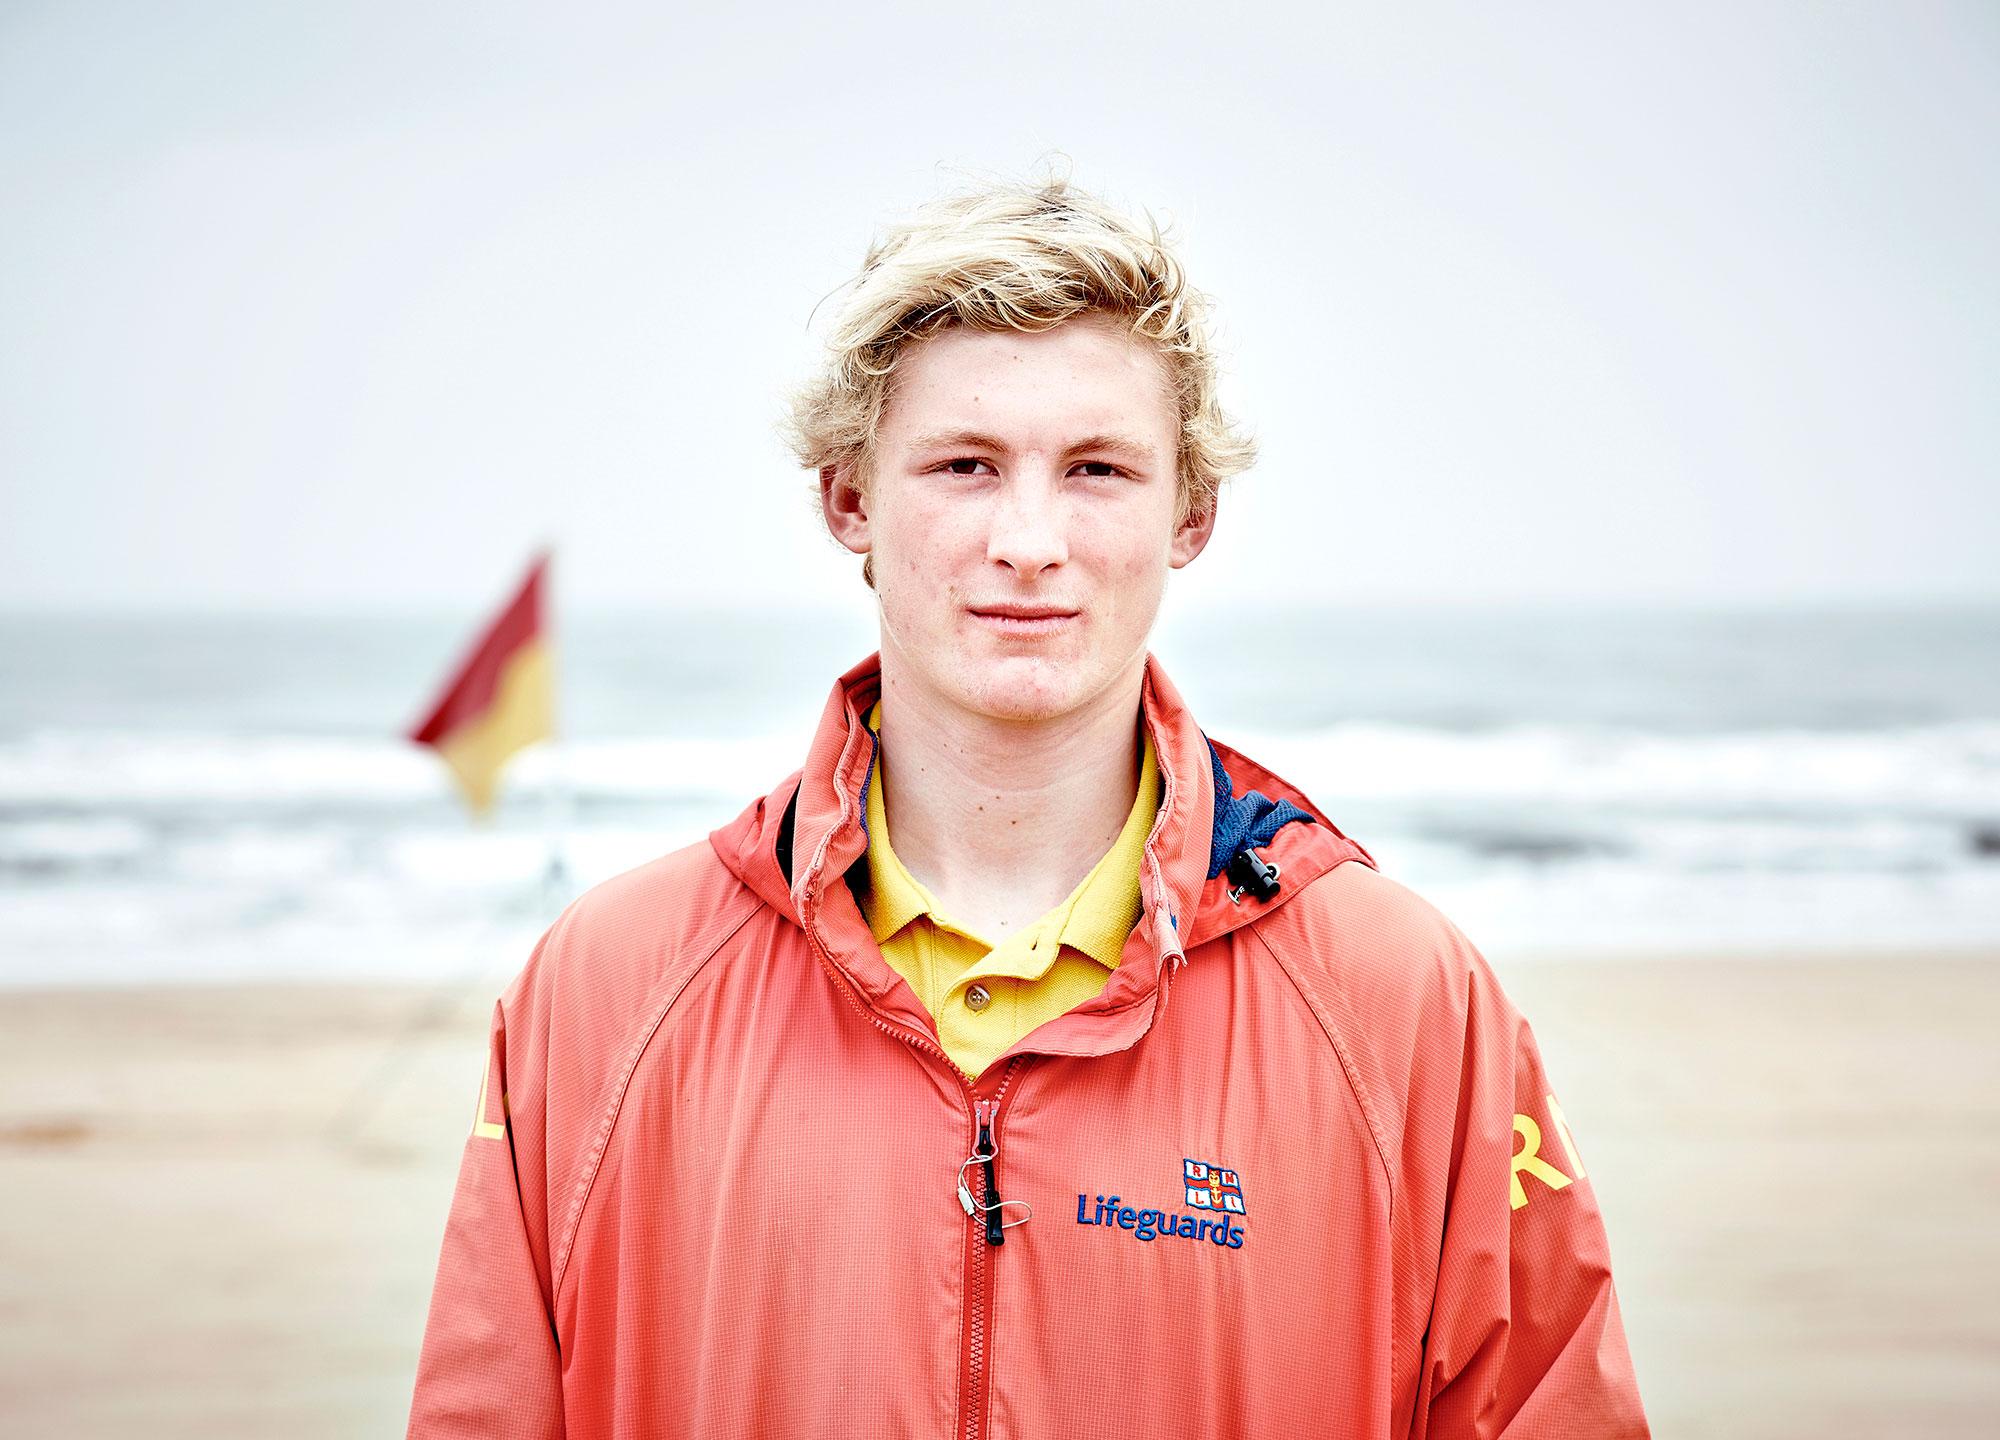 John Donoghue - lifeguard